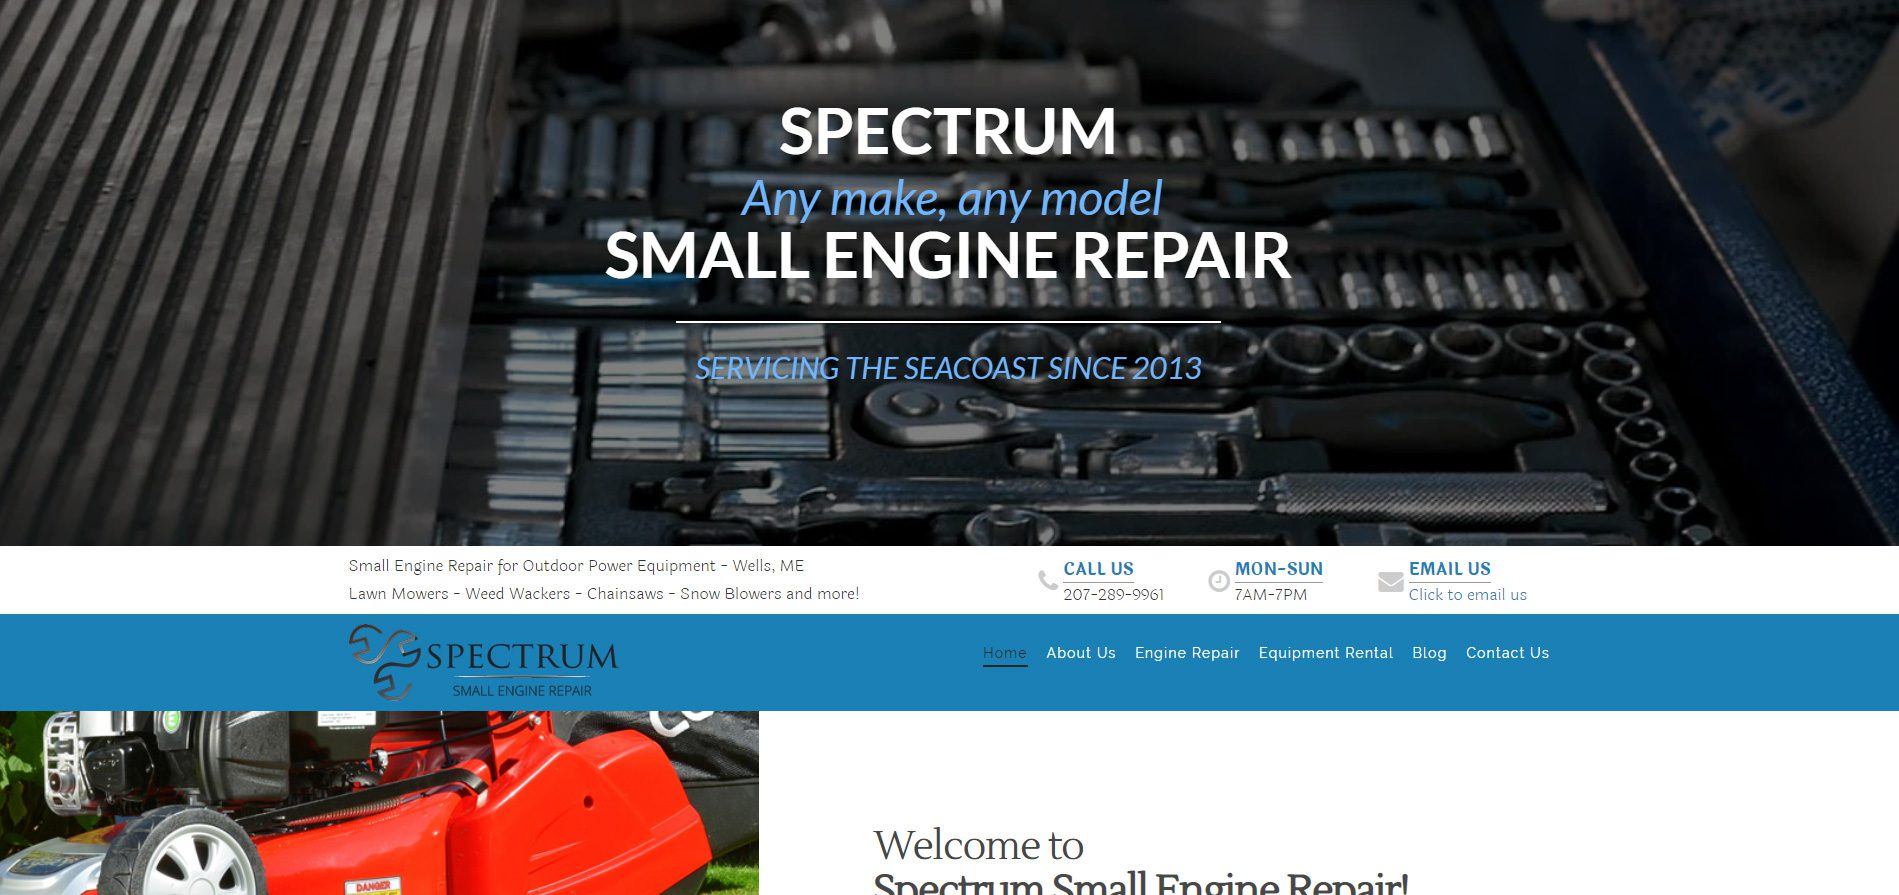 Spectrum Small Engine Repair